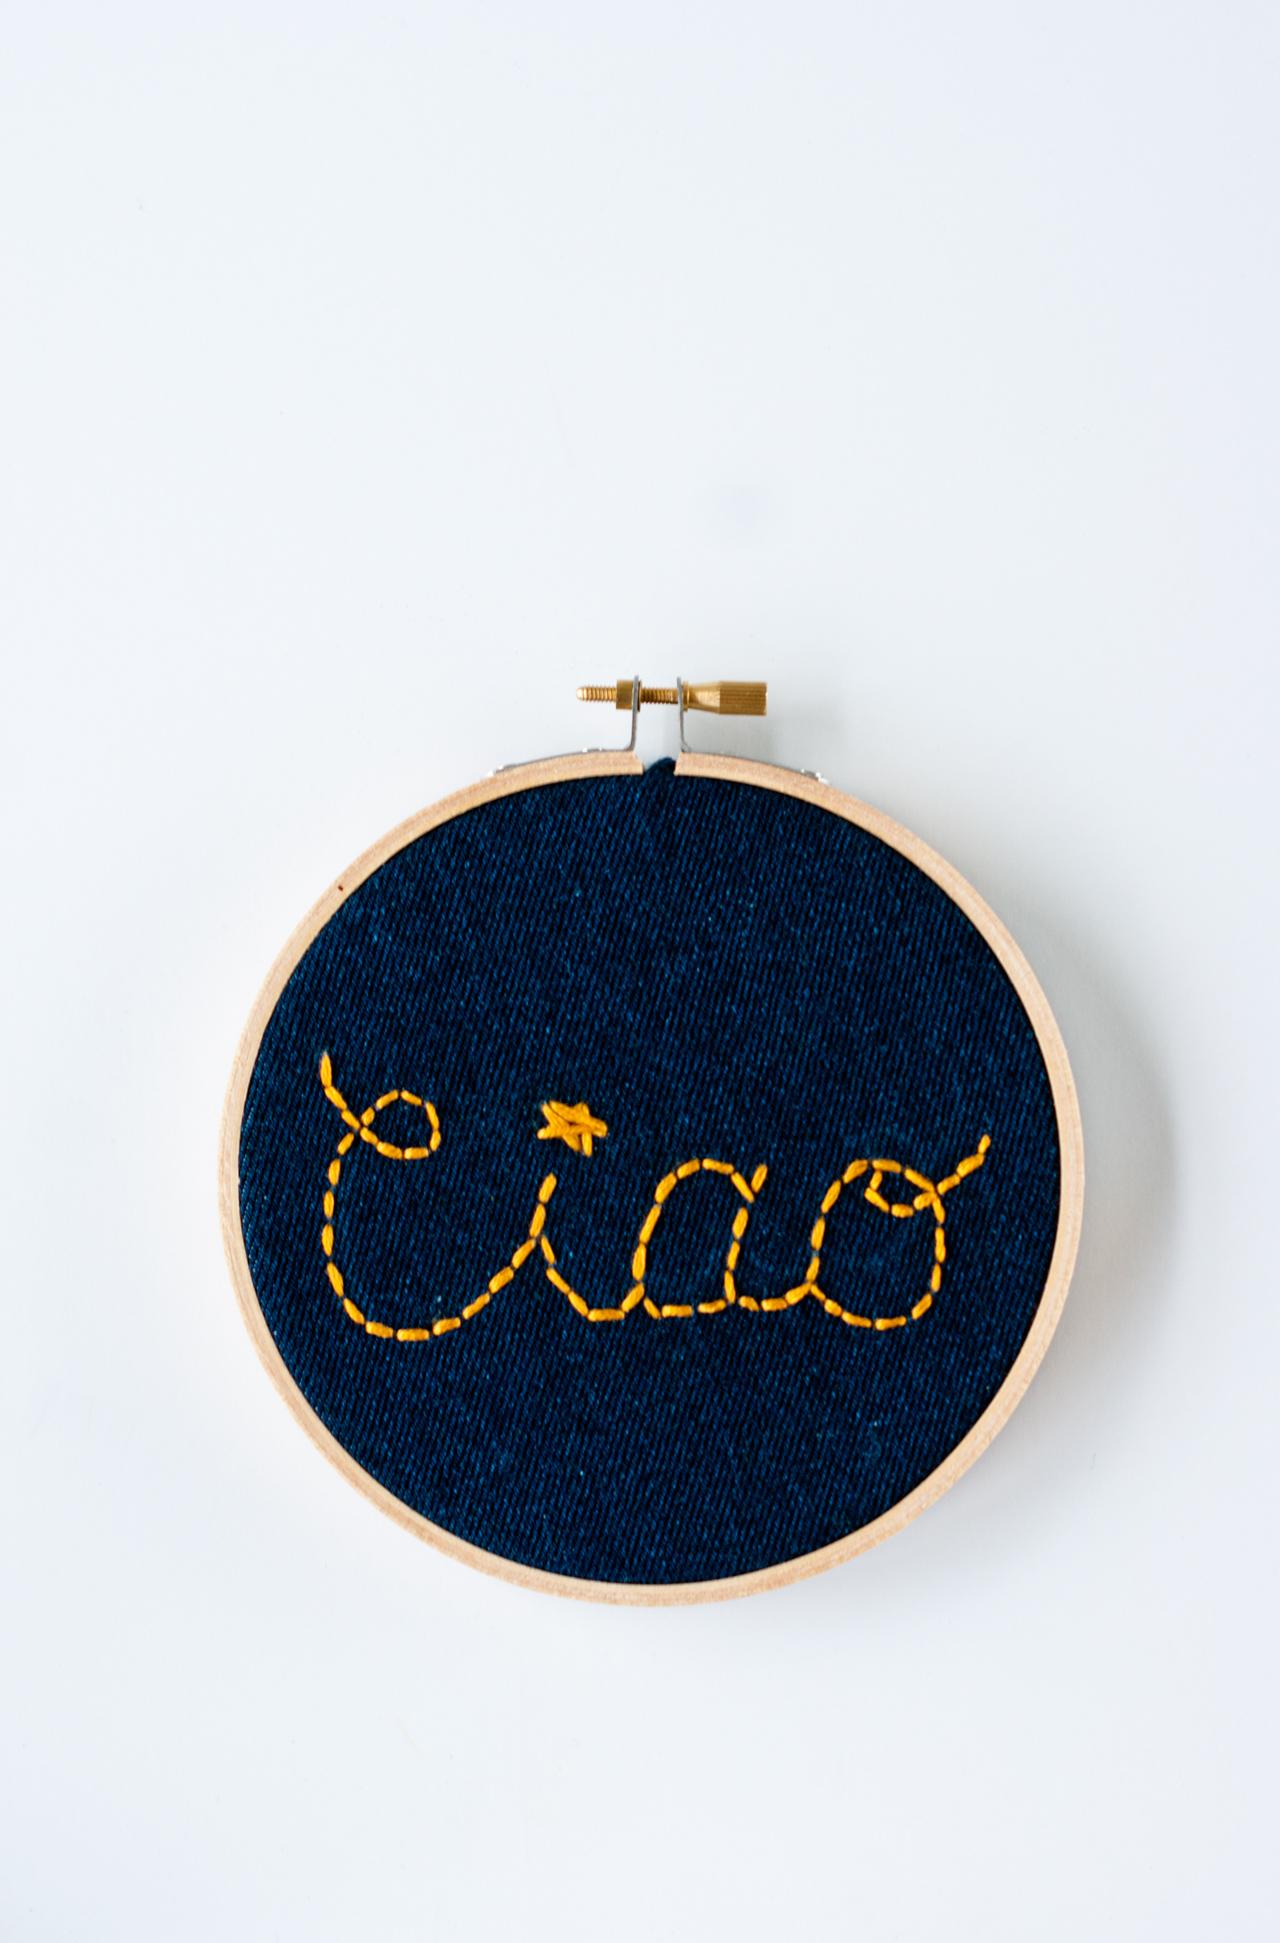 DIY needleword - Embroidery Hoop Wall Italian Sign